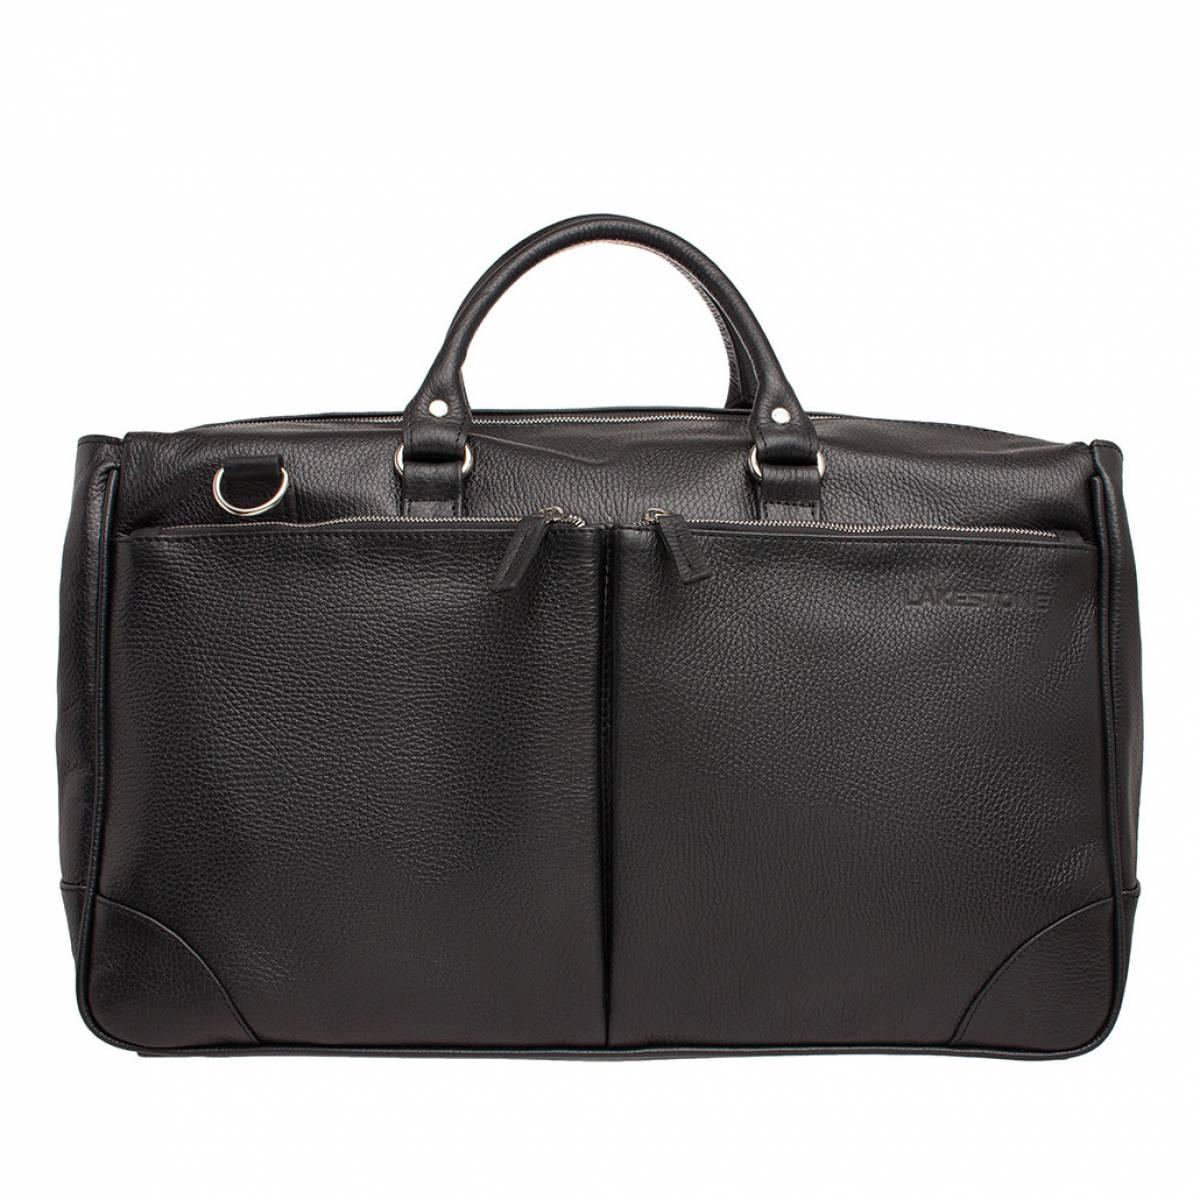 Дорожно-спортивная сумка Benford Black фото